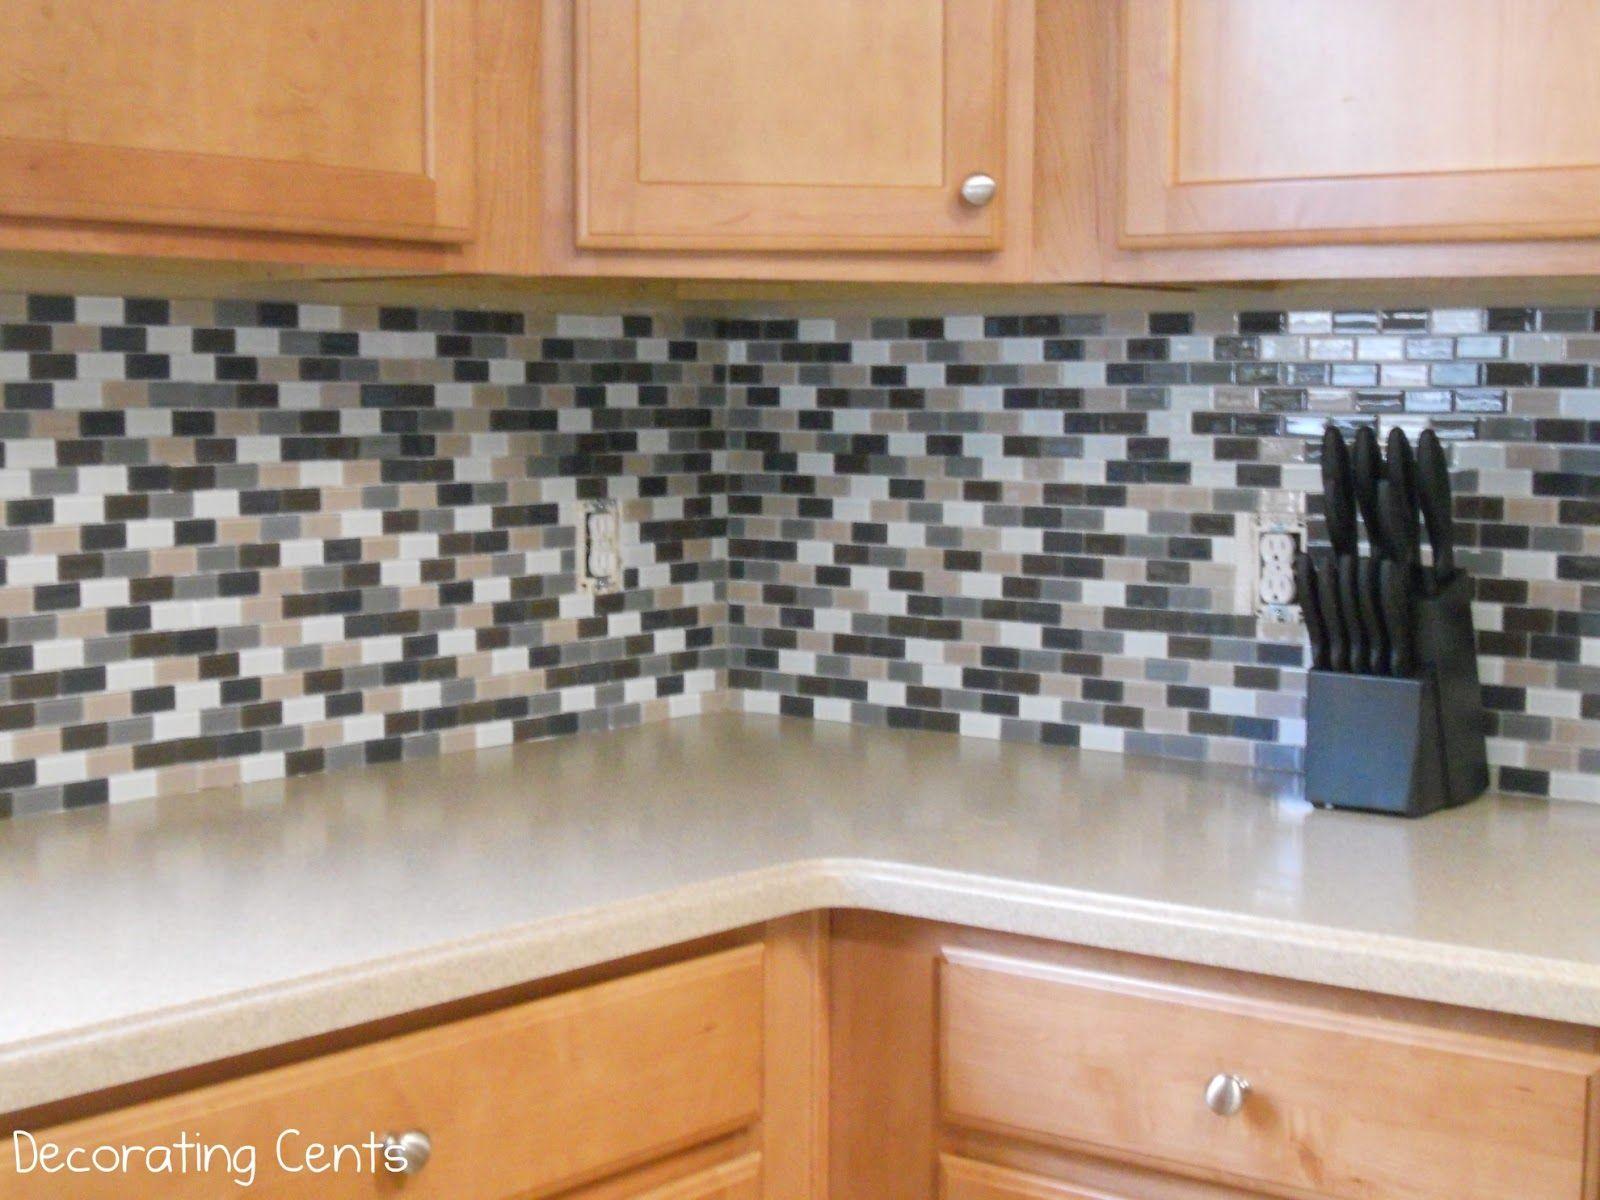 Find Best Wallpapers Kitchen Wallpaper That Looks Like Tile Www